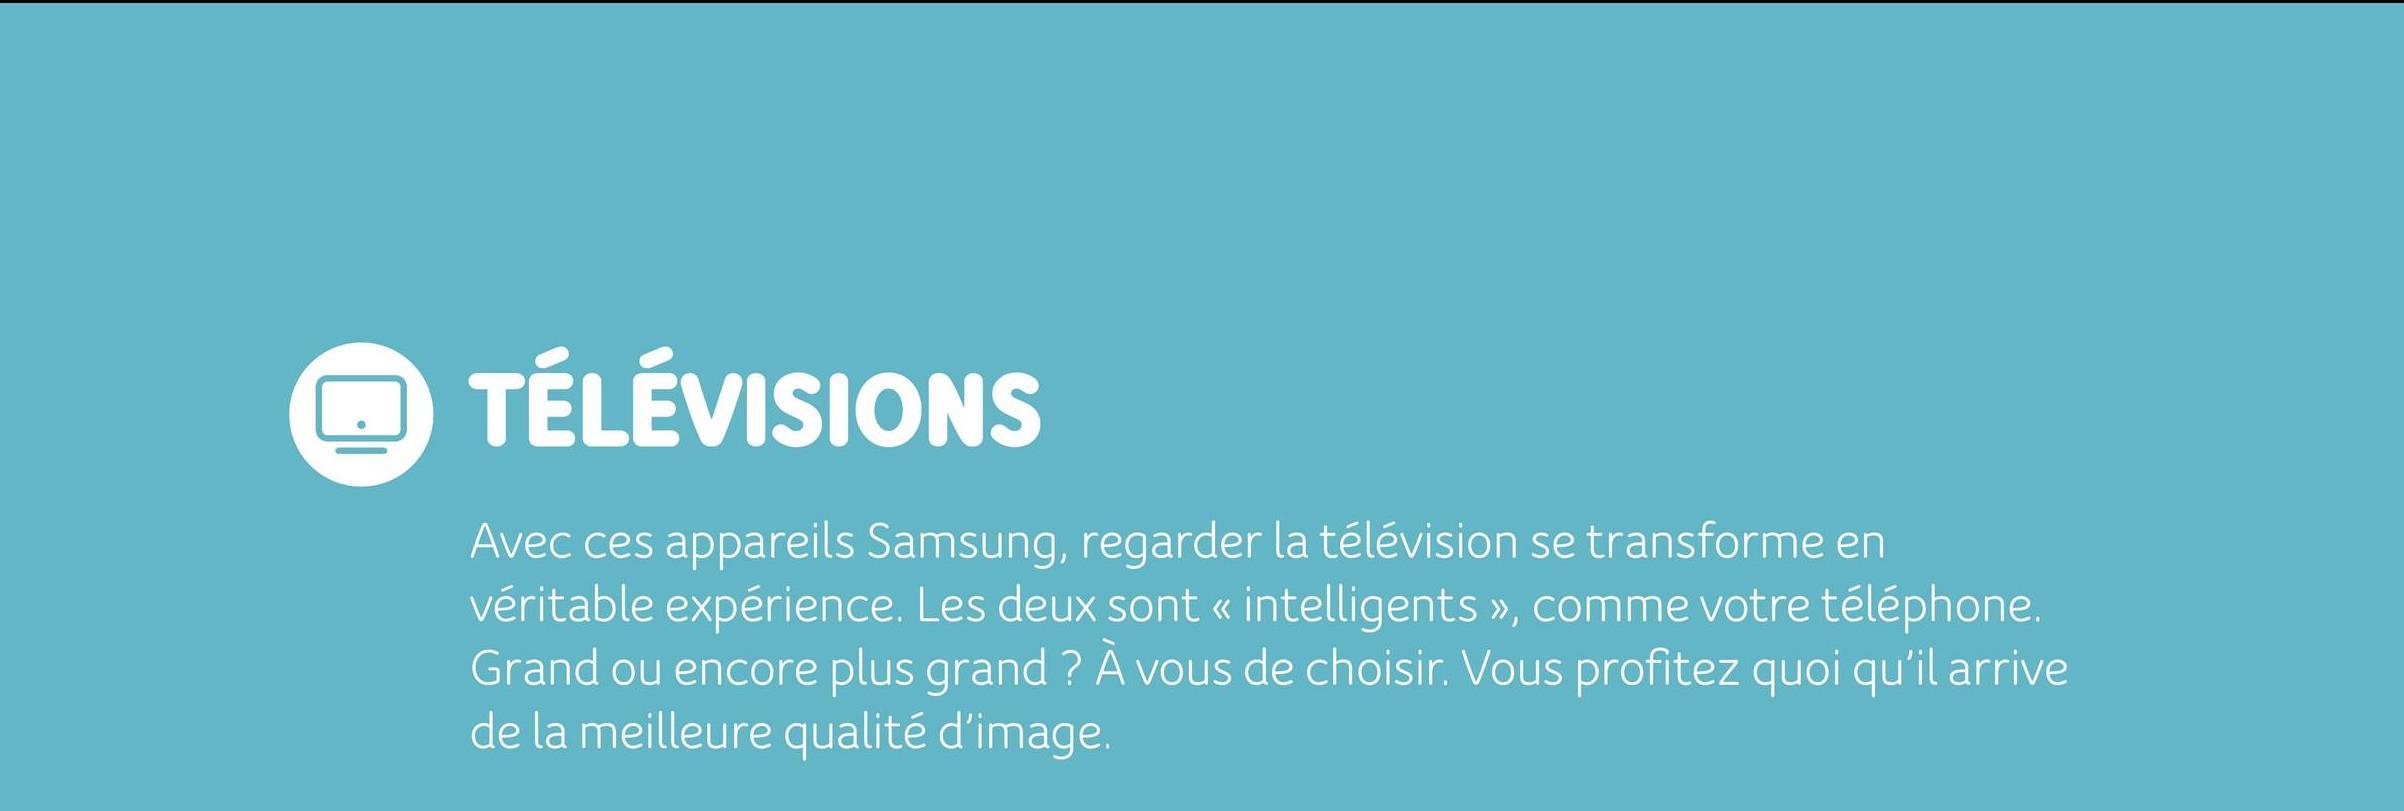 TÉLÉVISIONS Avec ces appareils Samsung, regarder la télévision se transforme en véritable expérience. Les deux sont « intelligents », comme votre téléphone. Grand ou encore plus grand ? À vous de choisir. Vous profitez quoi qu'il arrive de la meilleure qualité d'image.